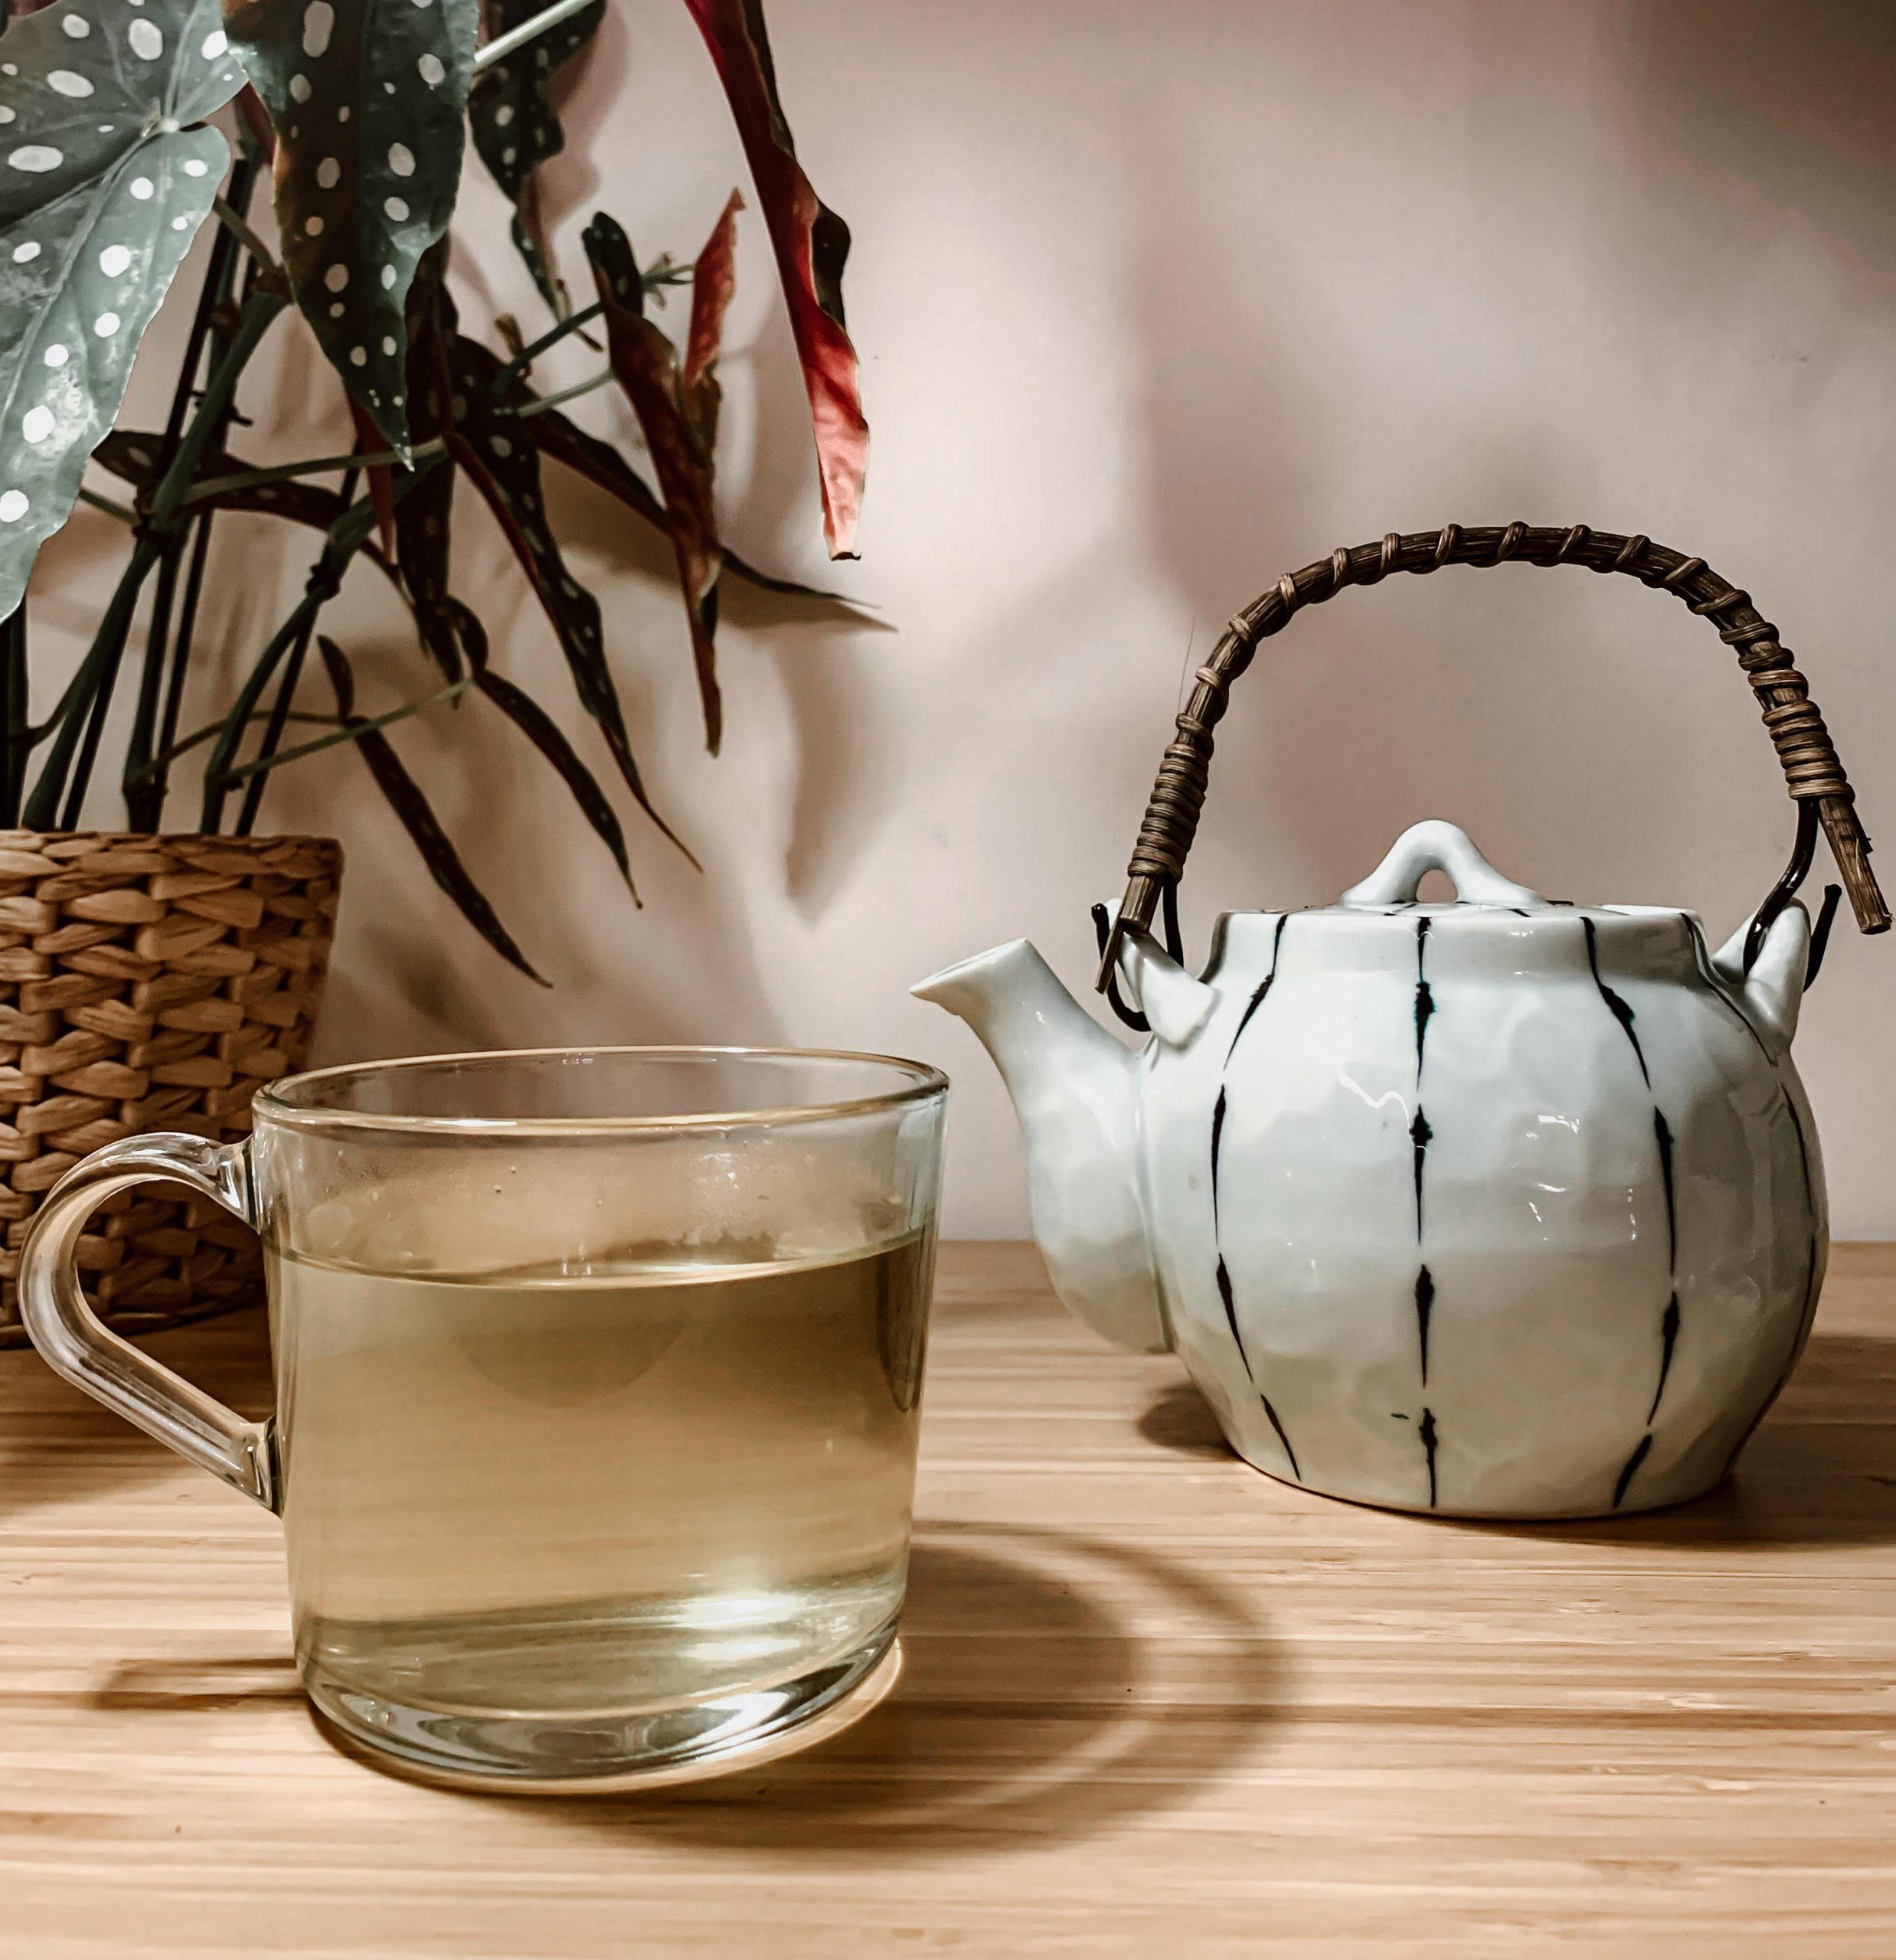 L'insostenibilità delle bustine del té: valide alternative